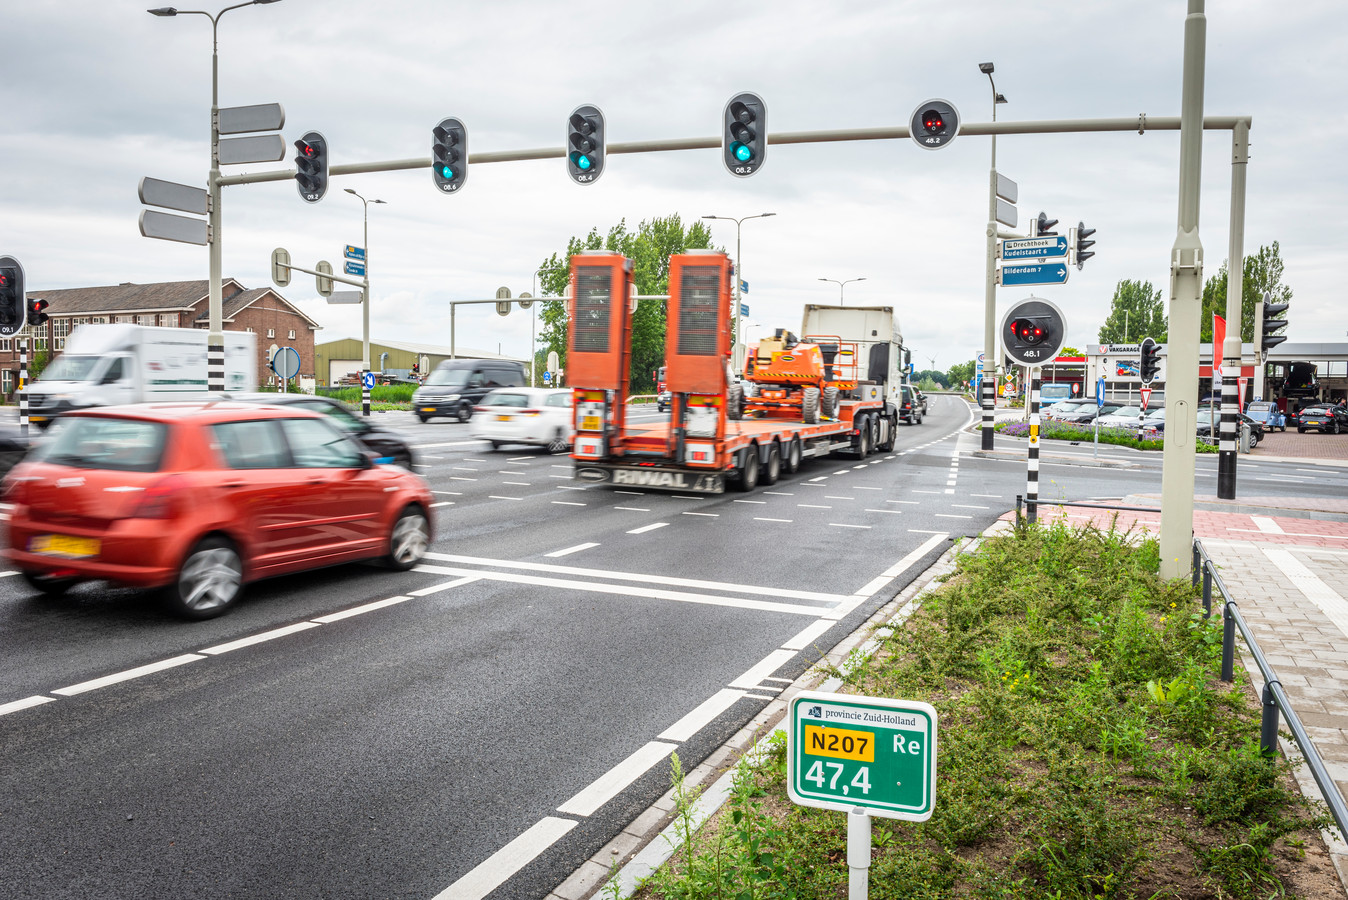 Bewoners van Leimuiden klagen steen en been over hardrijders op de drukke kruising van de N207 met de Burgemeester Bakhuizenlaan.